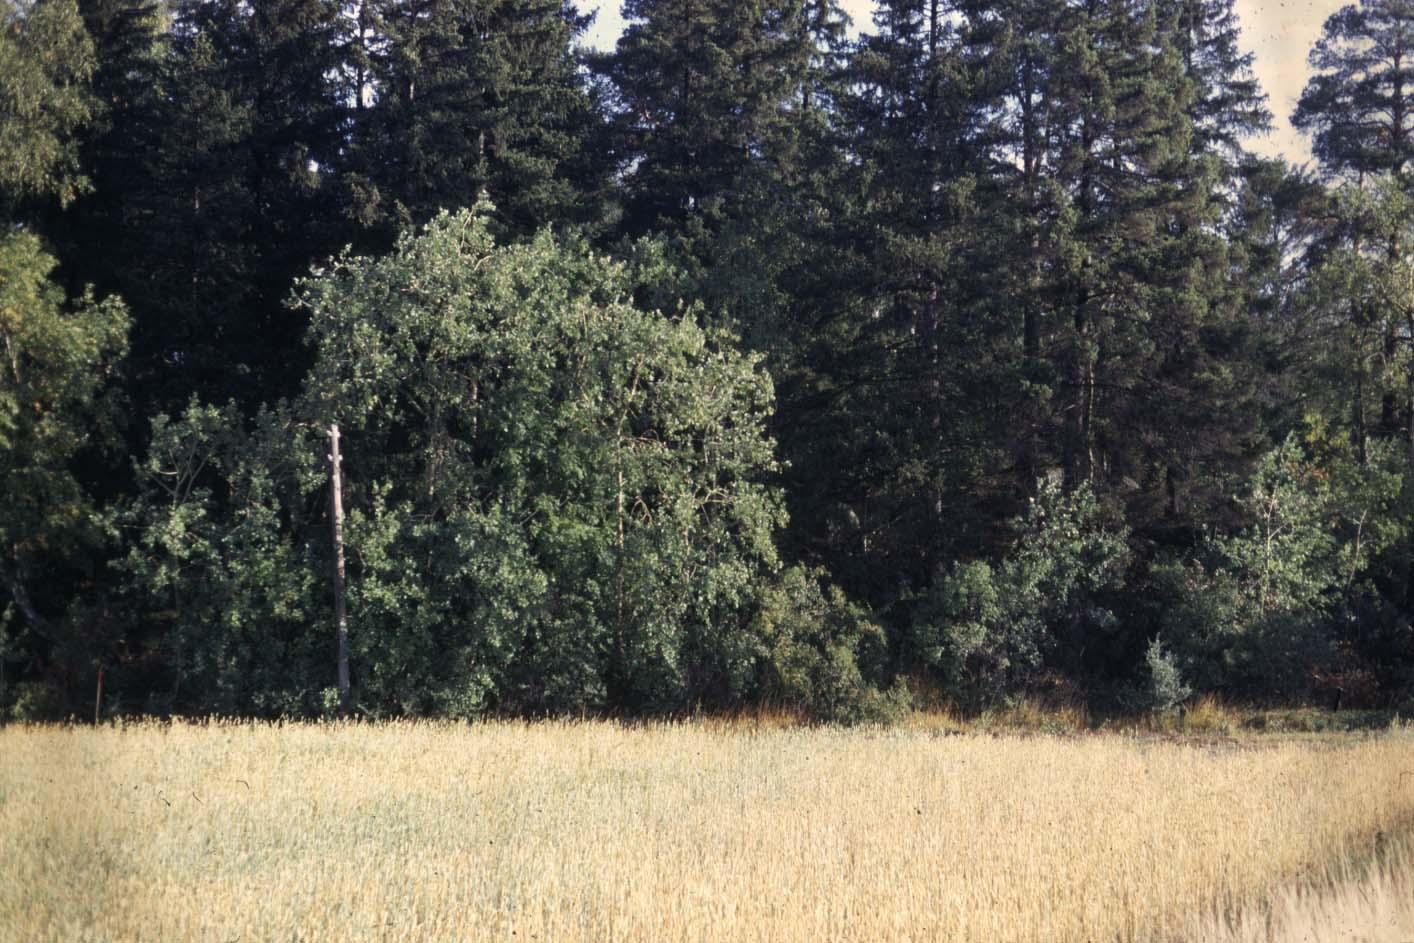 Inredning boplats stockholm : Gravfält och boplats (romersk järnålder ; vikingatid), fornlämning ...